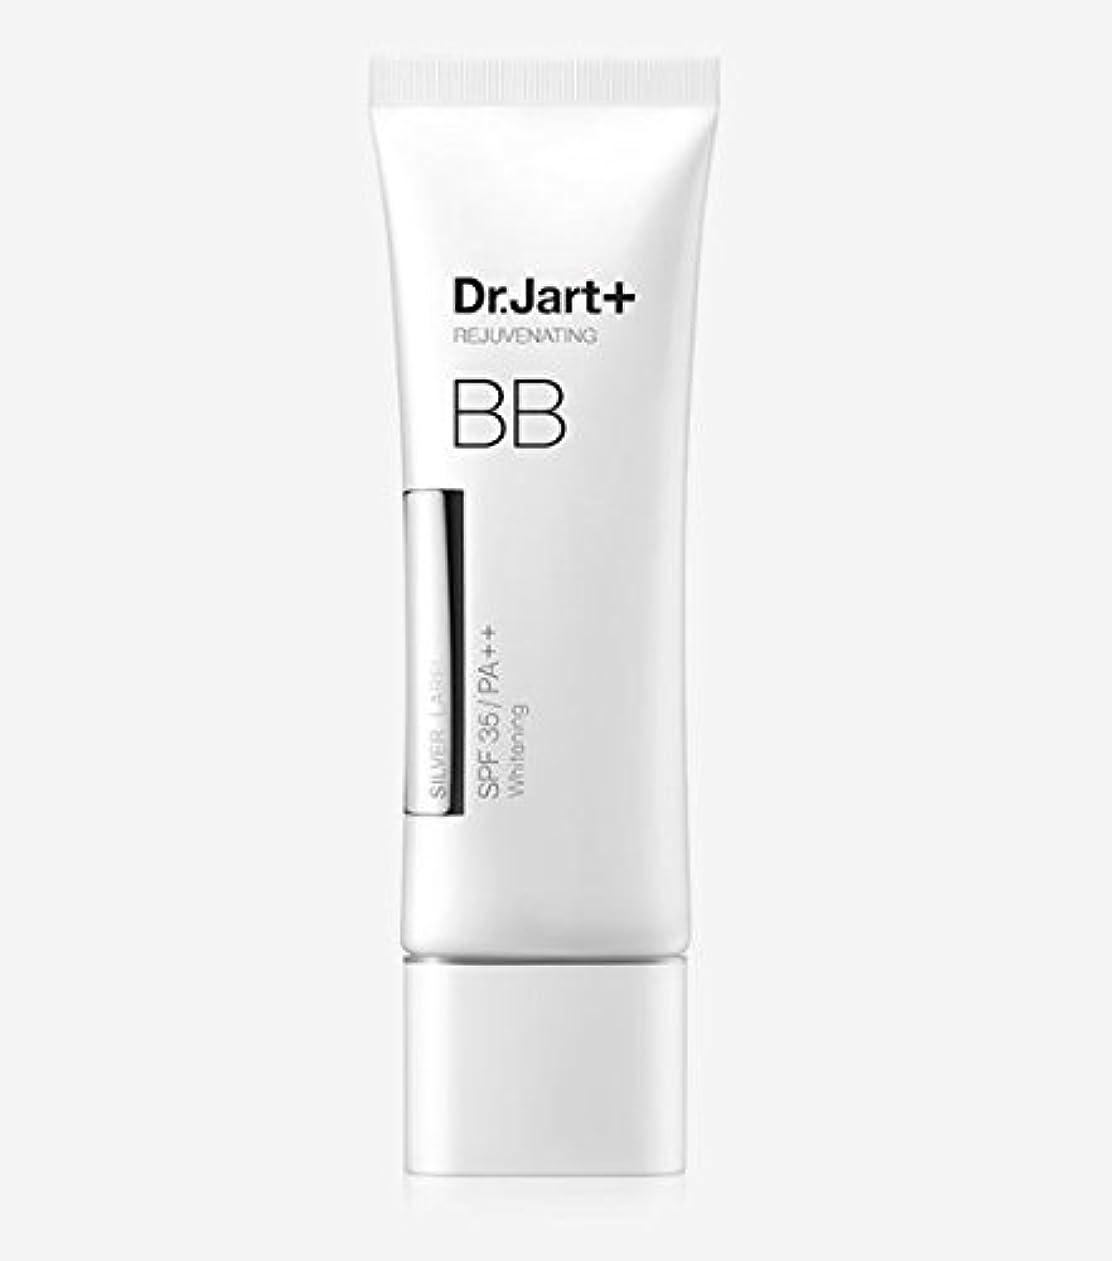 敏感な女優ご意見[Dr. Jart] Silver Label BB Rejuvenating Beauty Balm 50ml SPF35 PA++/[ドクタージャルト] シルバーラベル BB リジュビネイティング ビューティー バーム...